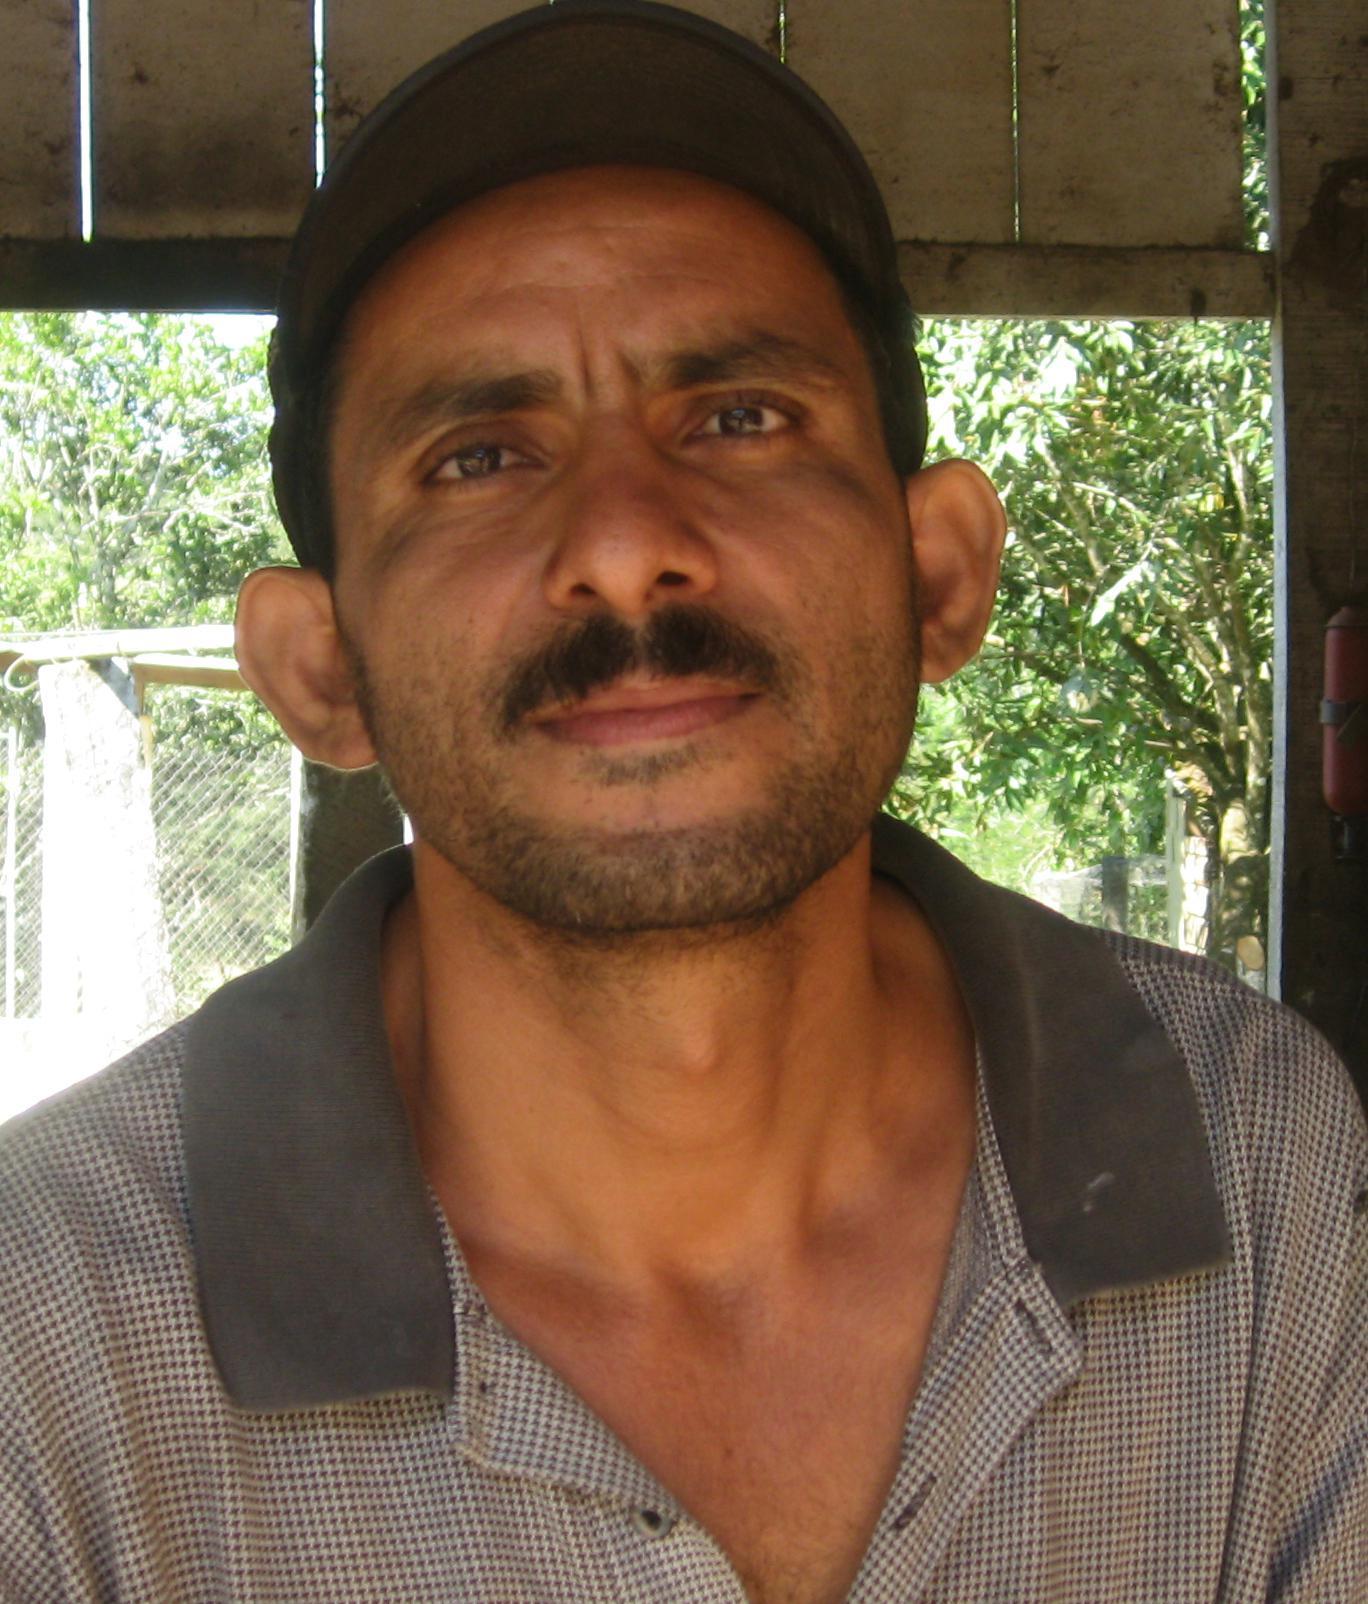 Luis Gongora